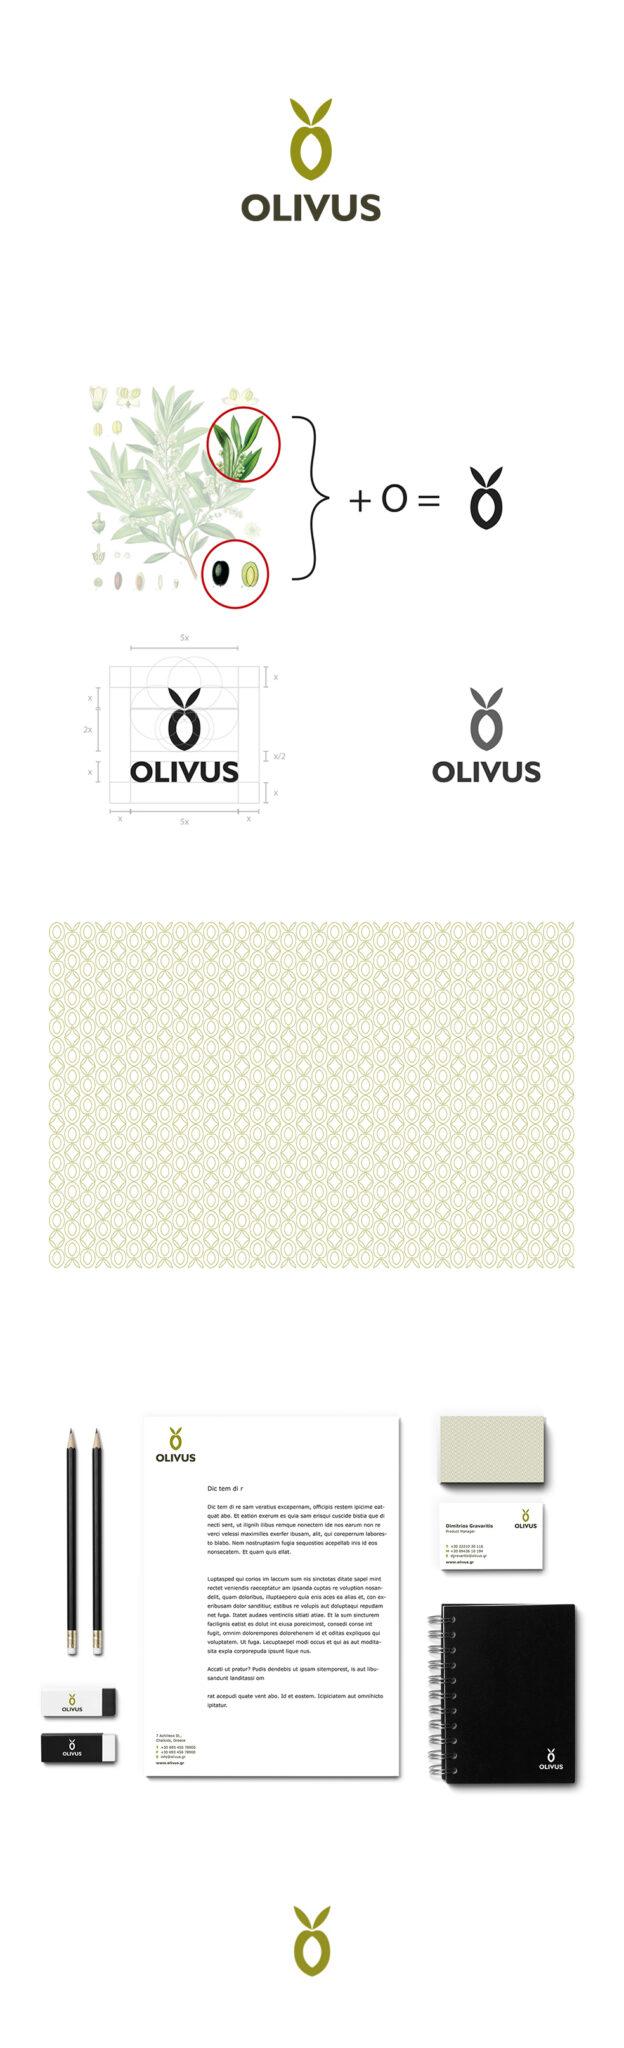 OLIVUS